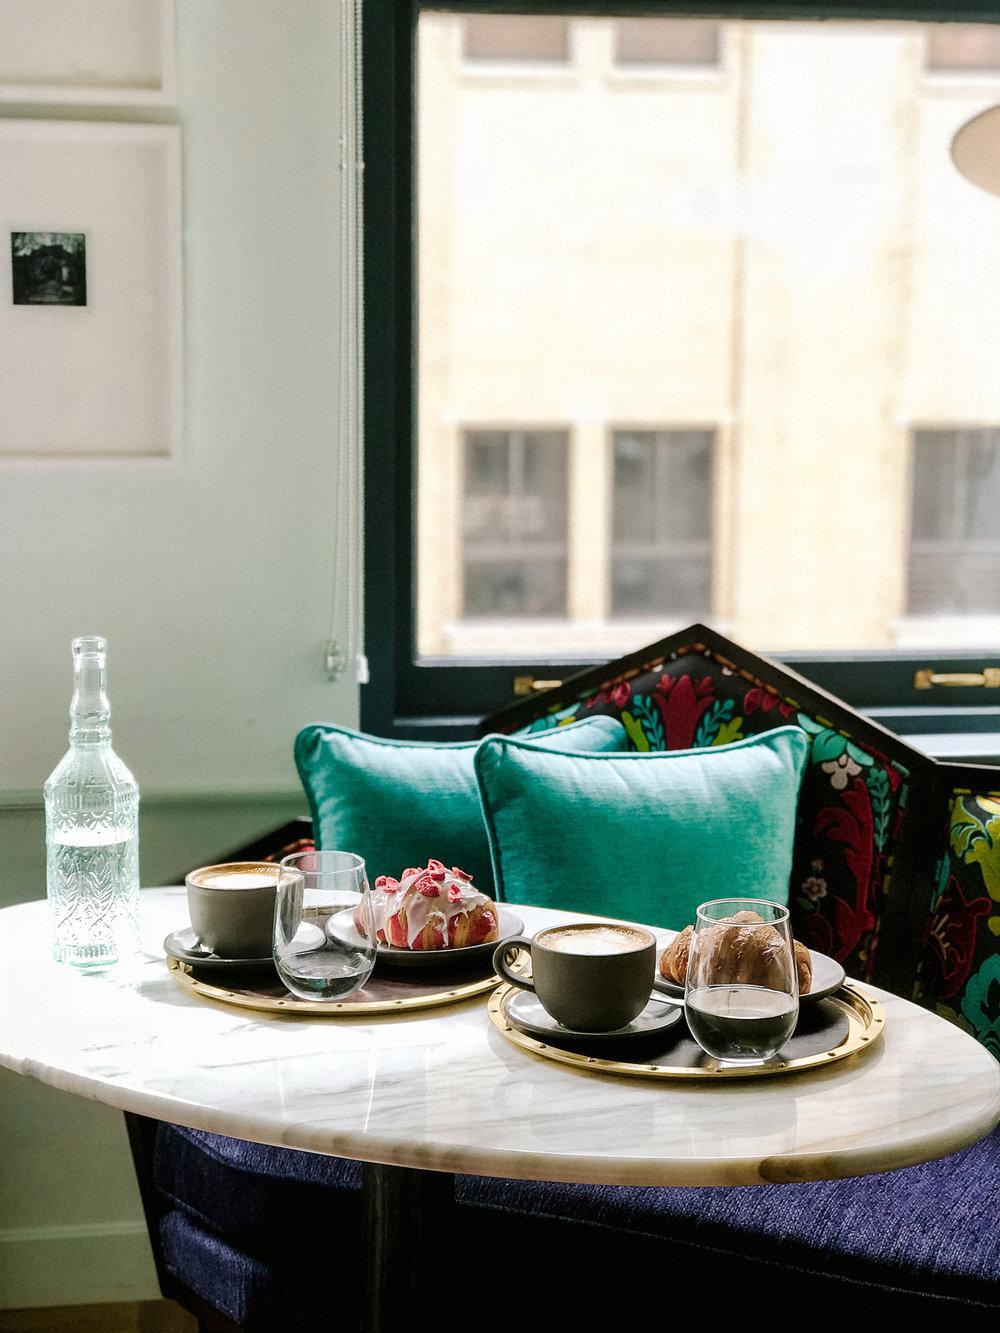 AshleyCampuzanoBlog_Nomad-Hotel_ACexplores_AshleyCampuzanoActress_@CampuzanoAshley_7.jpg